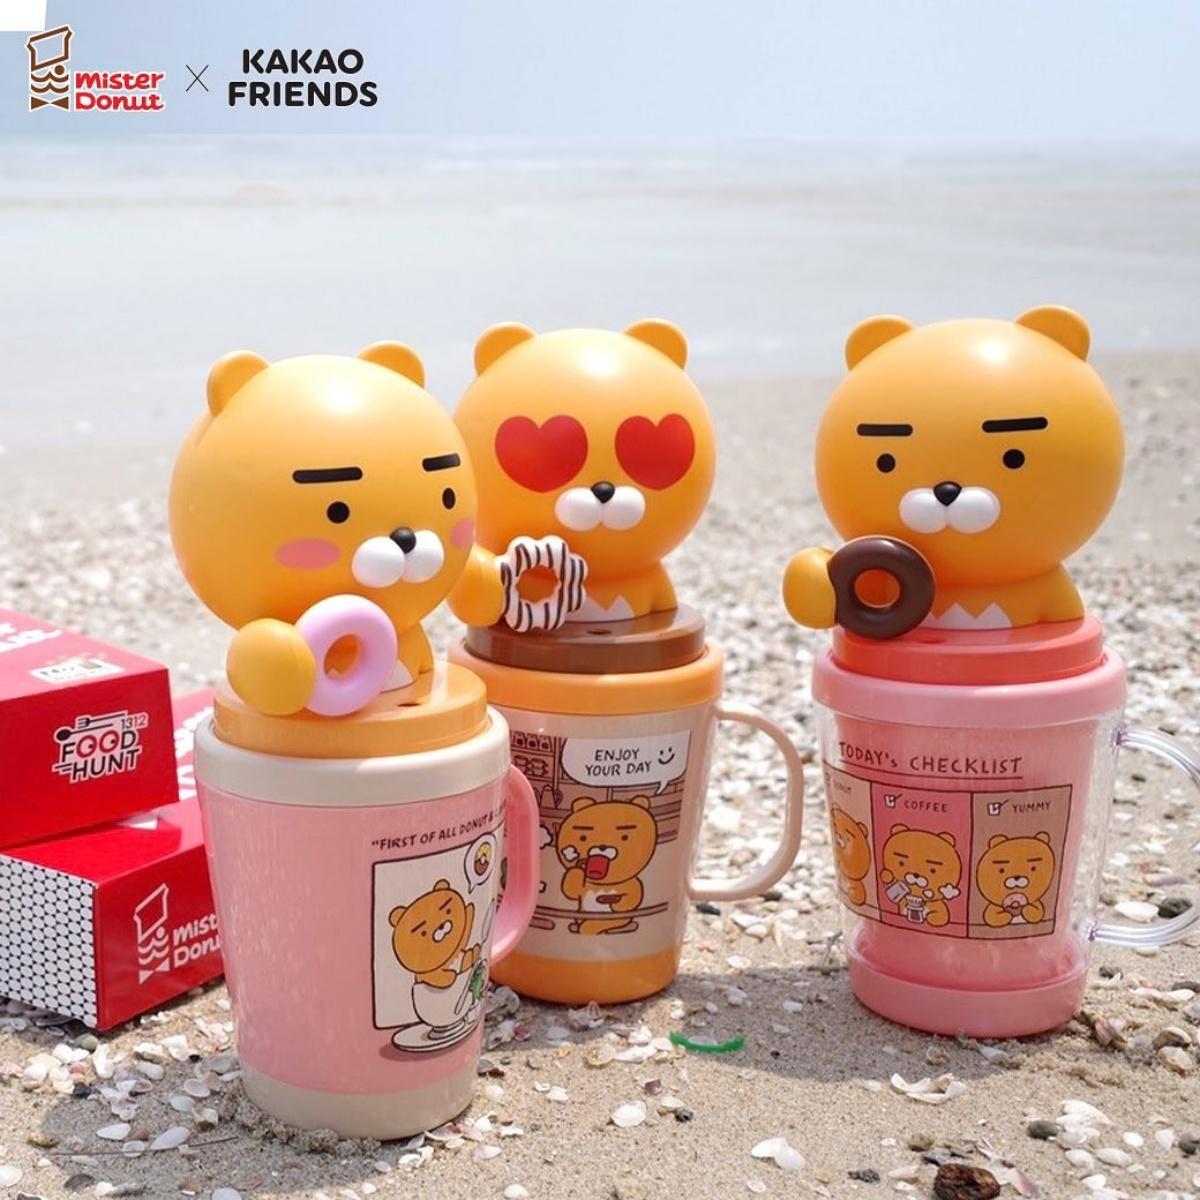 喝水也被療癒!泰國「蠟筆小新、萊恩公仔水壺」手拿甜甜圈太Q,「迪士尼水壺」必收